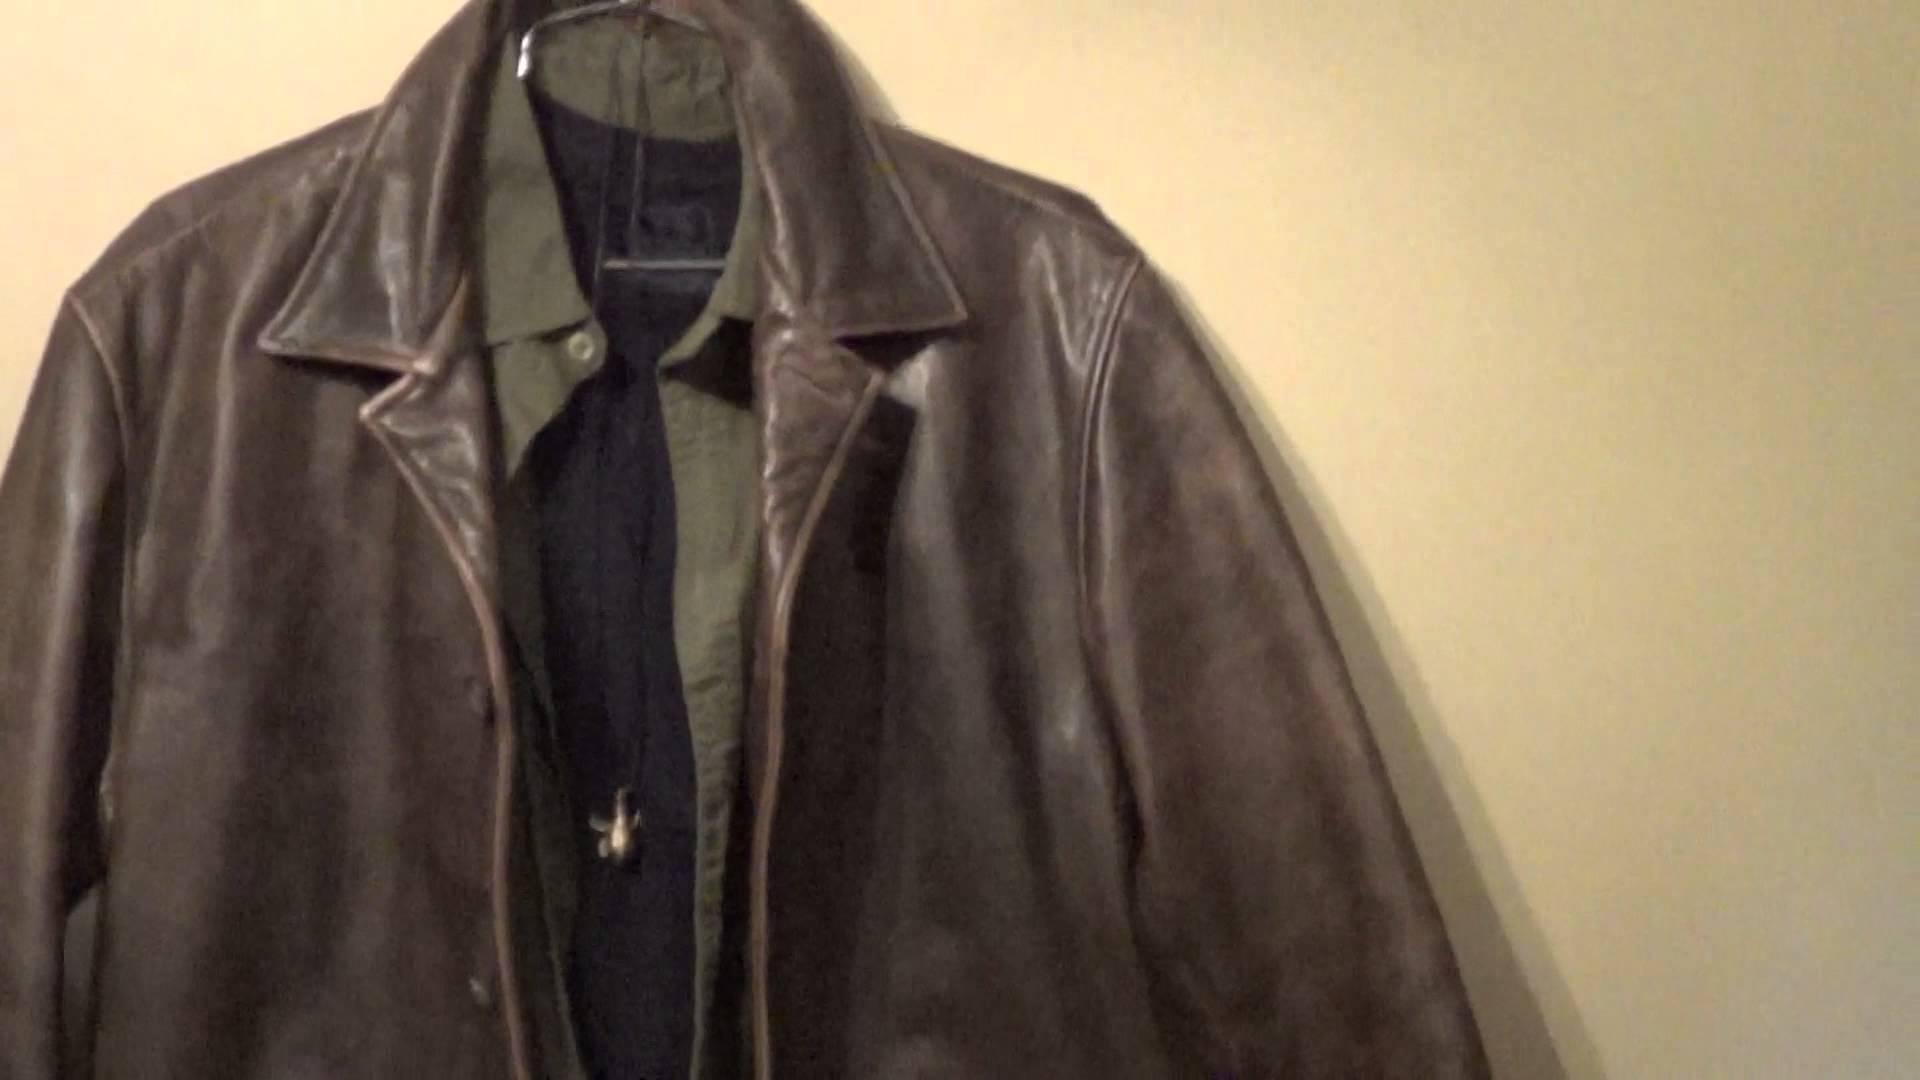 Supernatural Dean Winchester Wardrobe Part 3